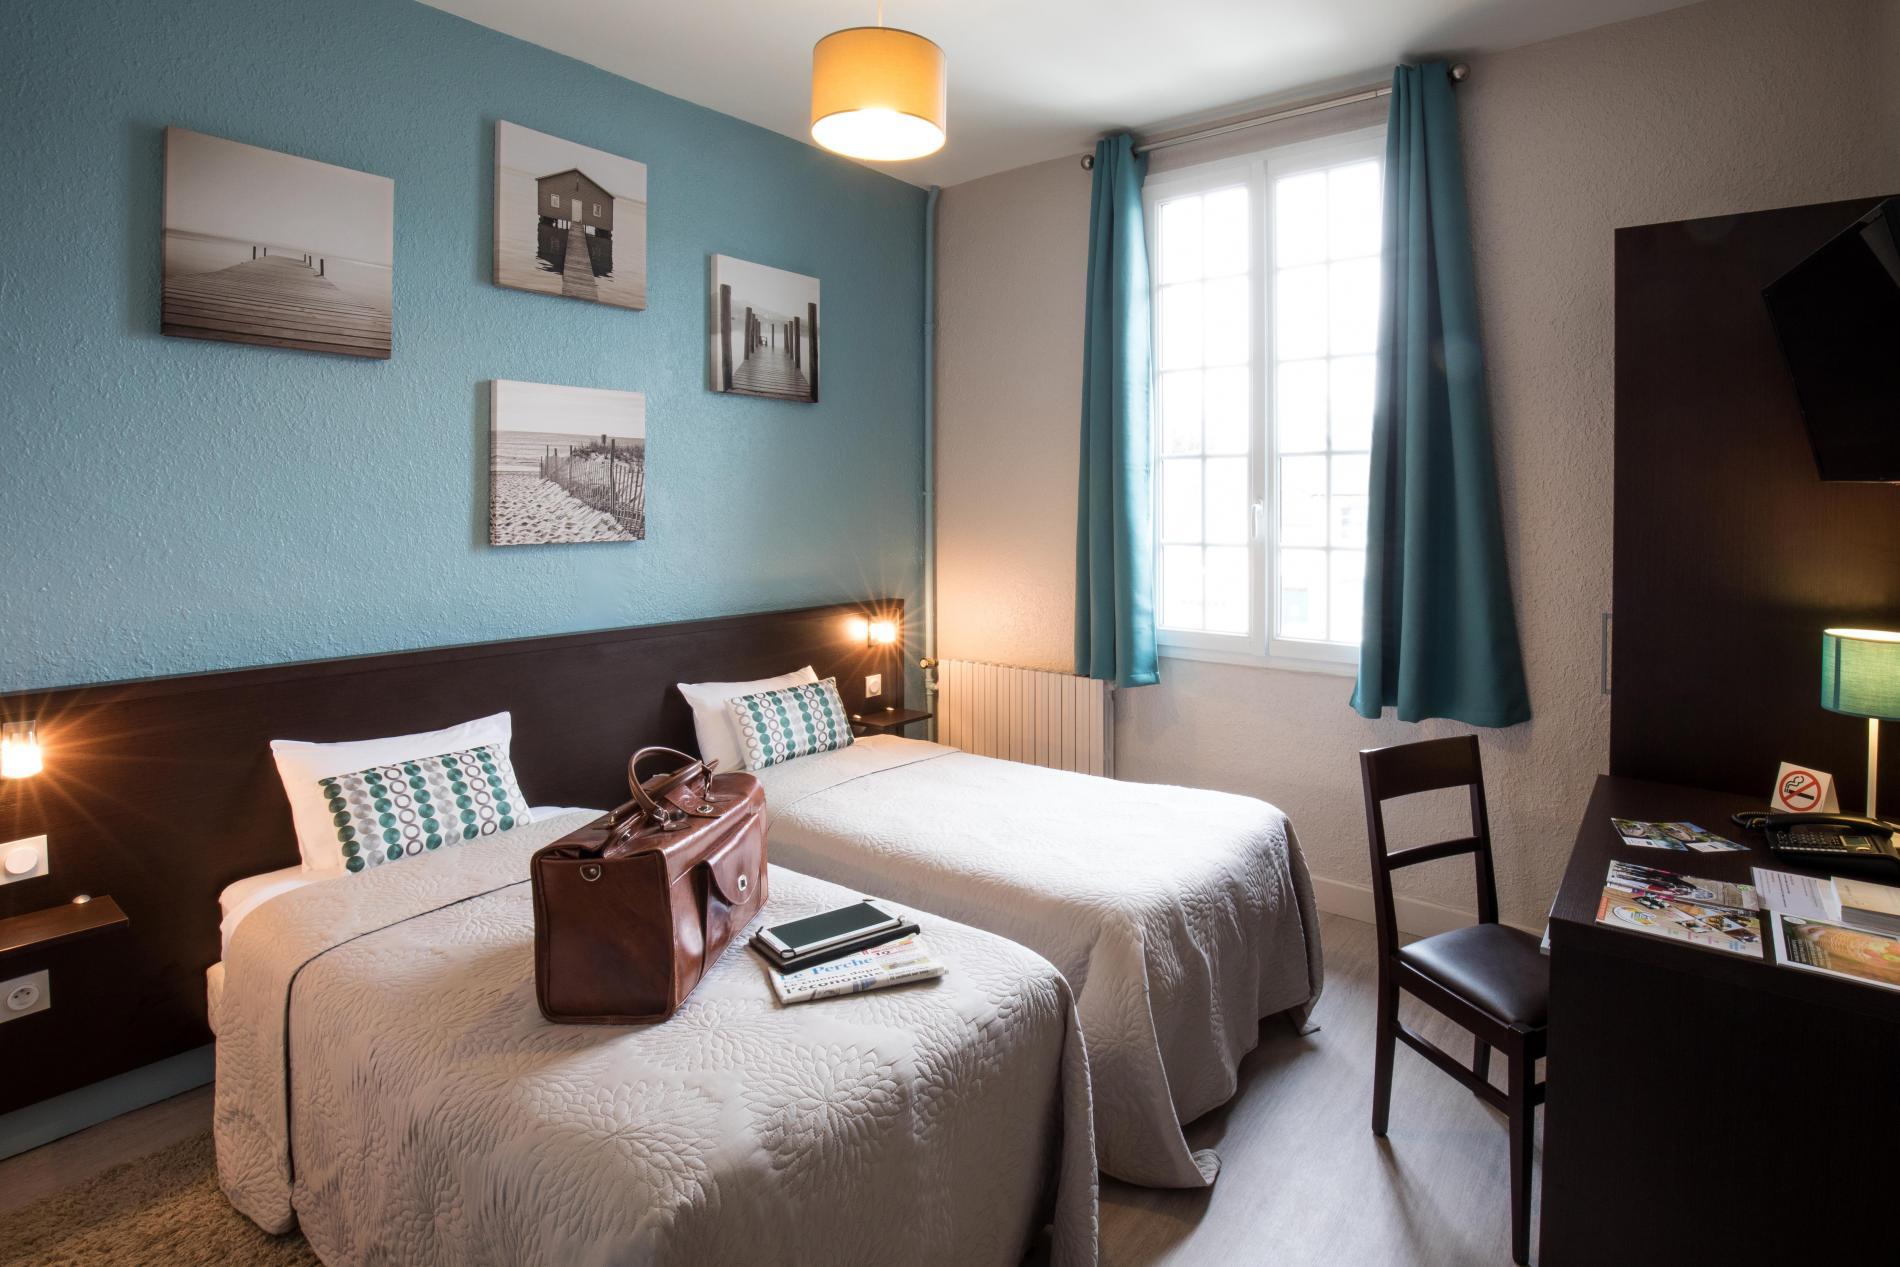 Hotel de la Poste - Hotel en Normandie